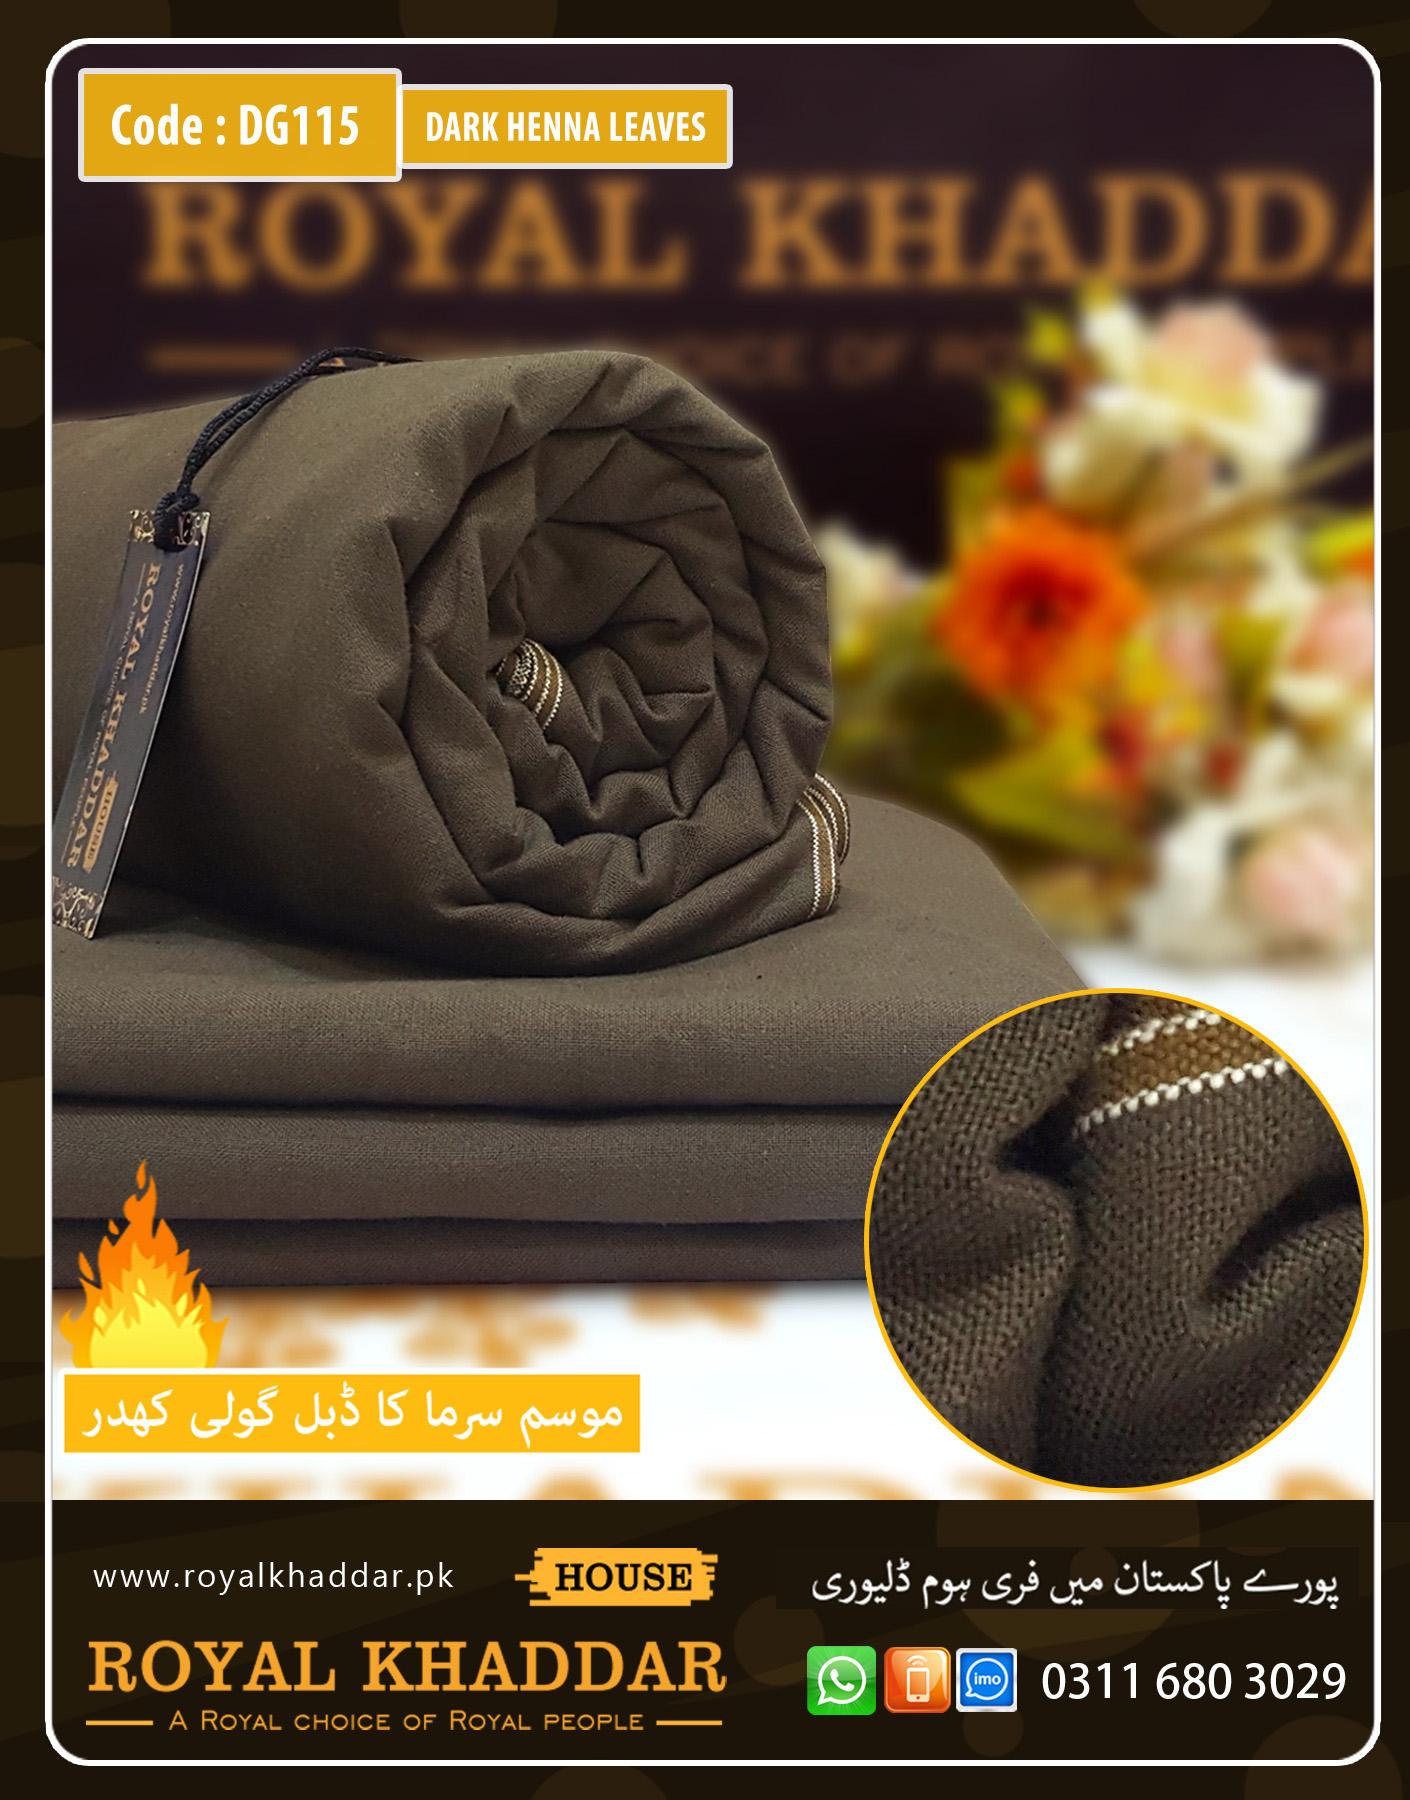 DG115 Dark Henna Leaves Double Goli Winter Khaddar